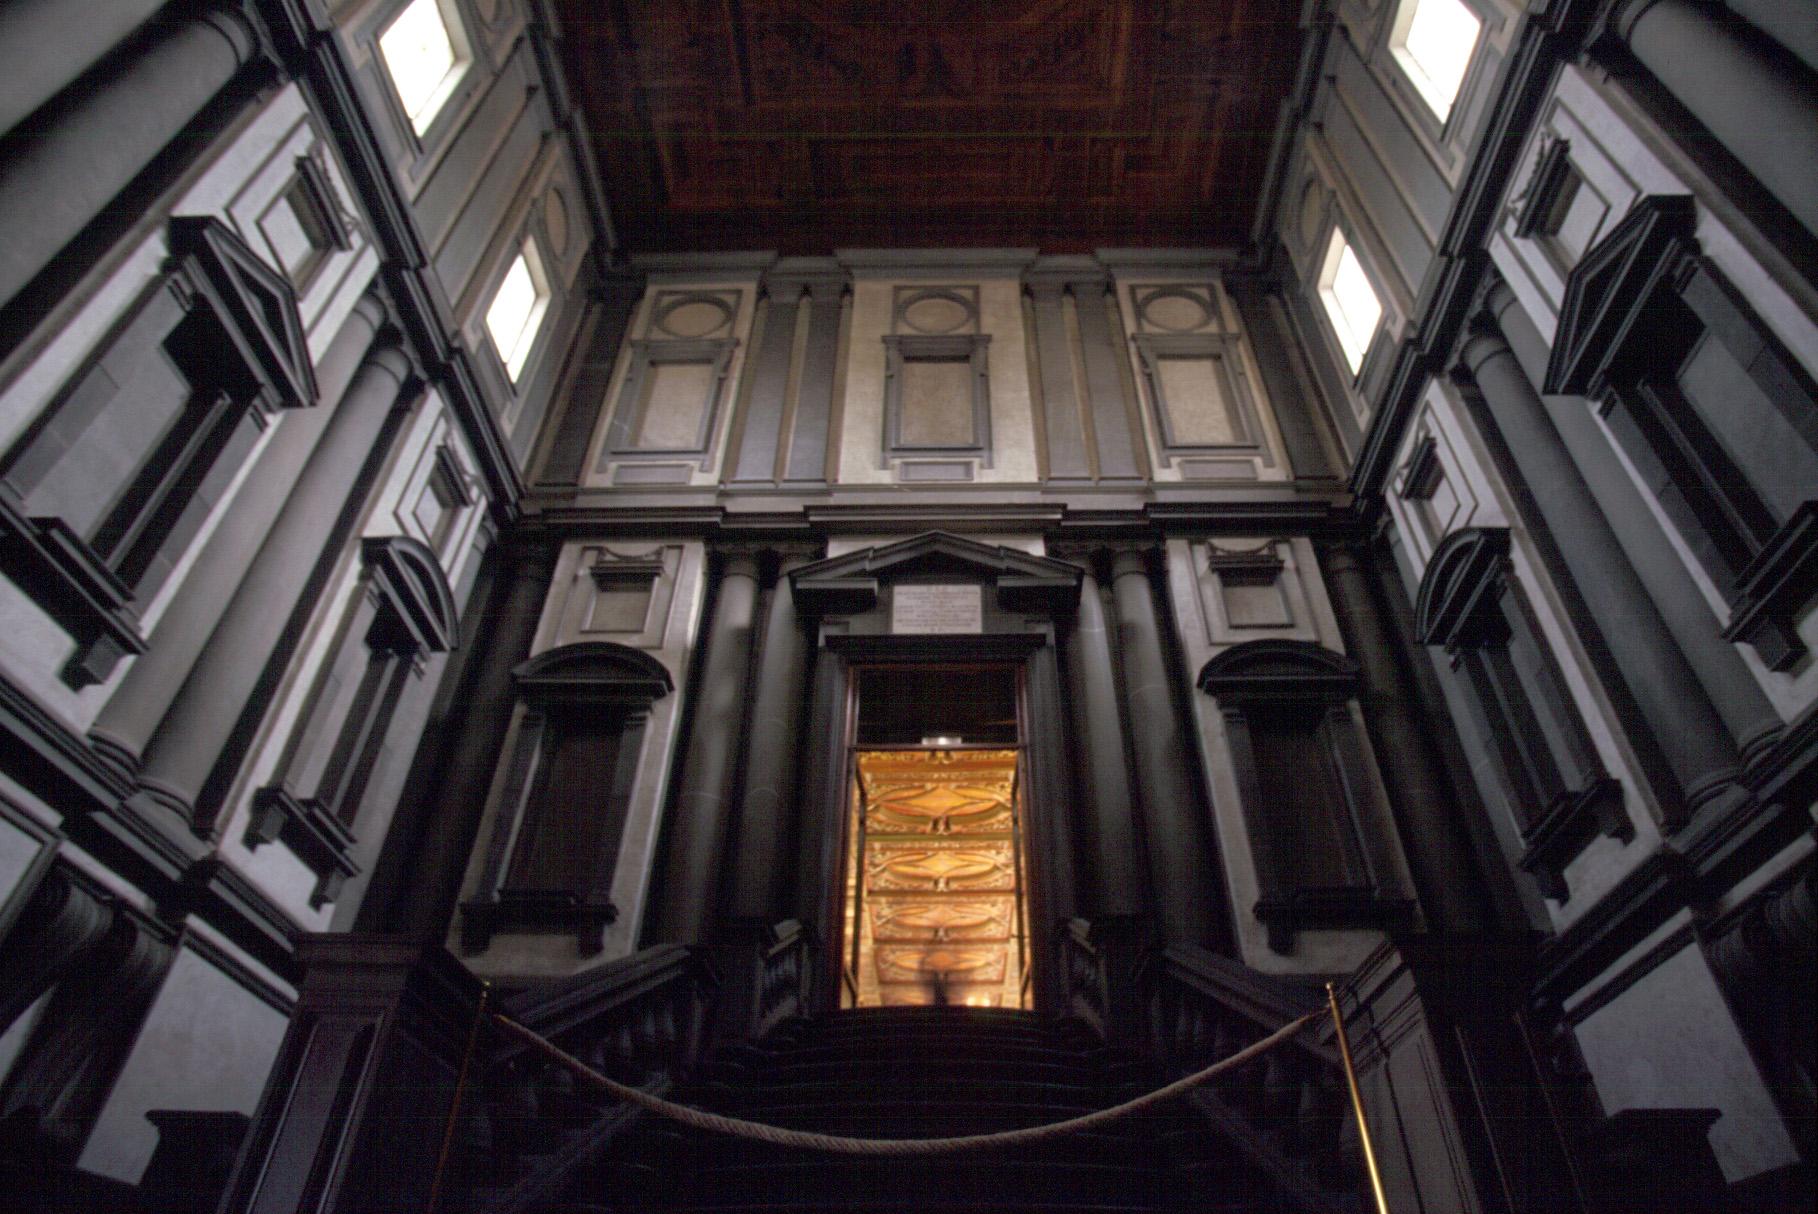 ラウレンツィアーナ図書館 階段室